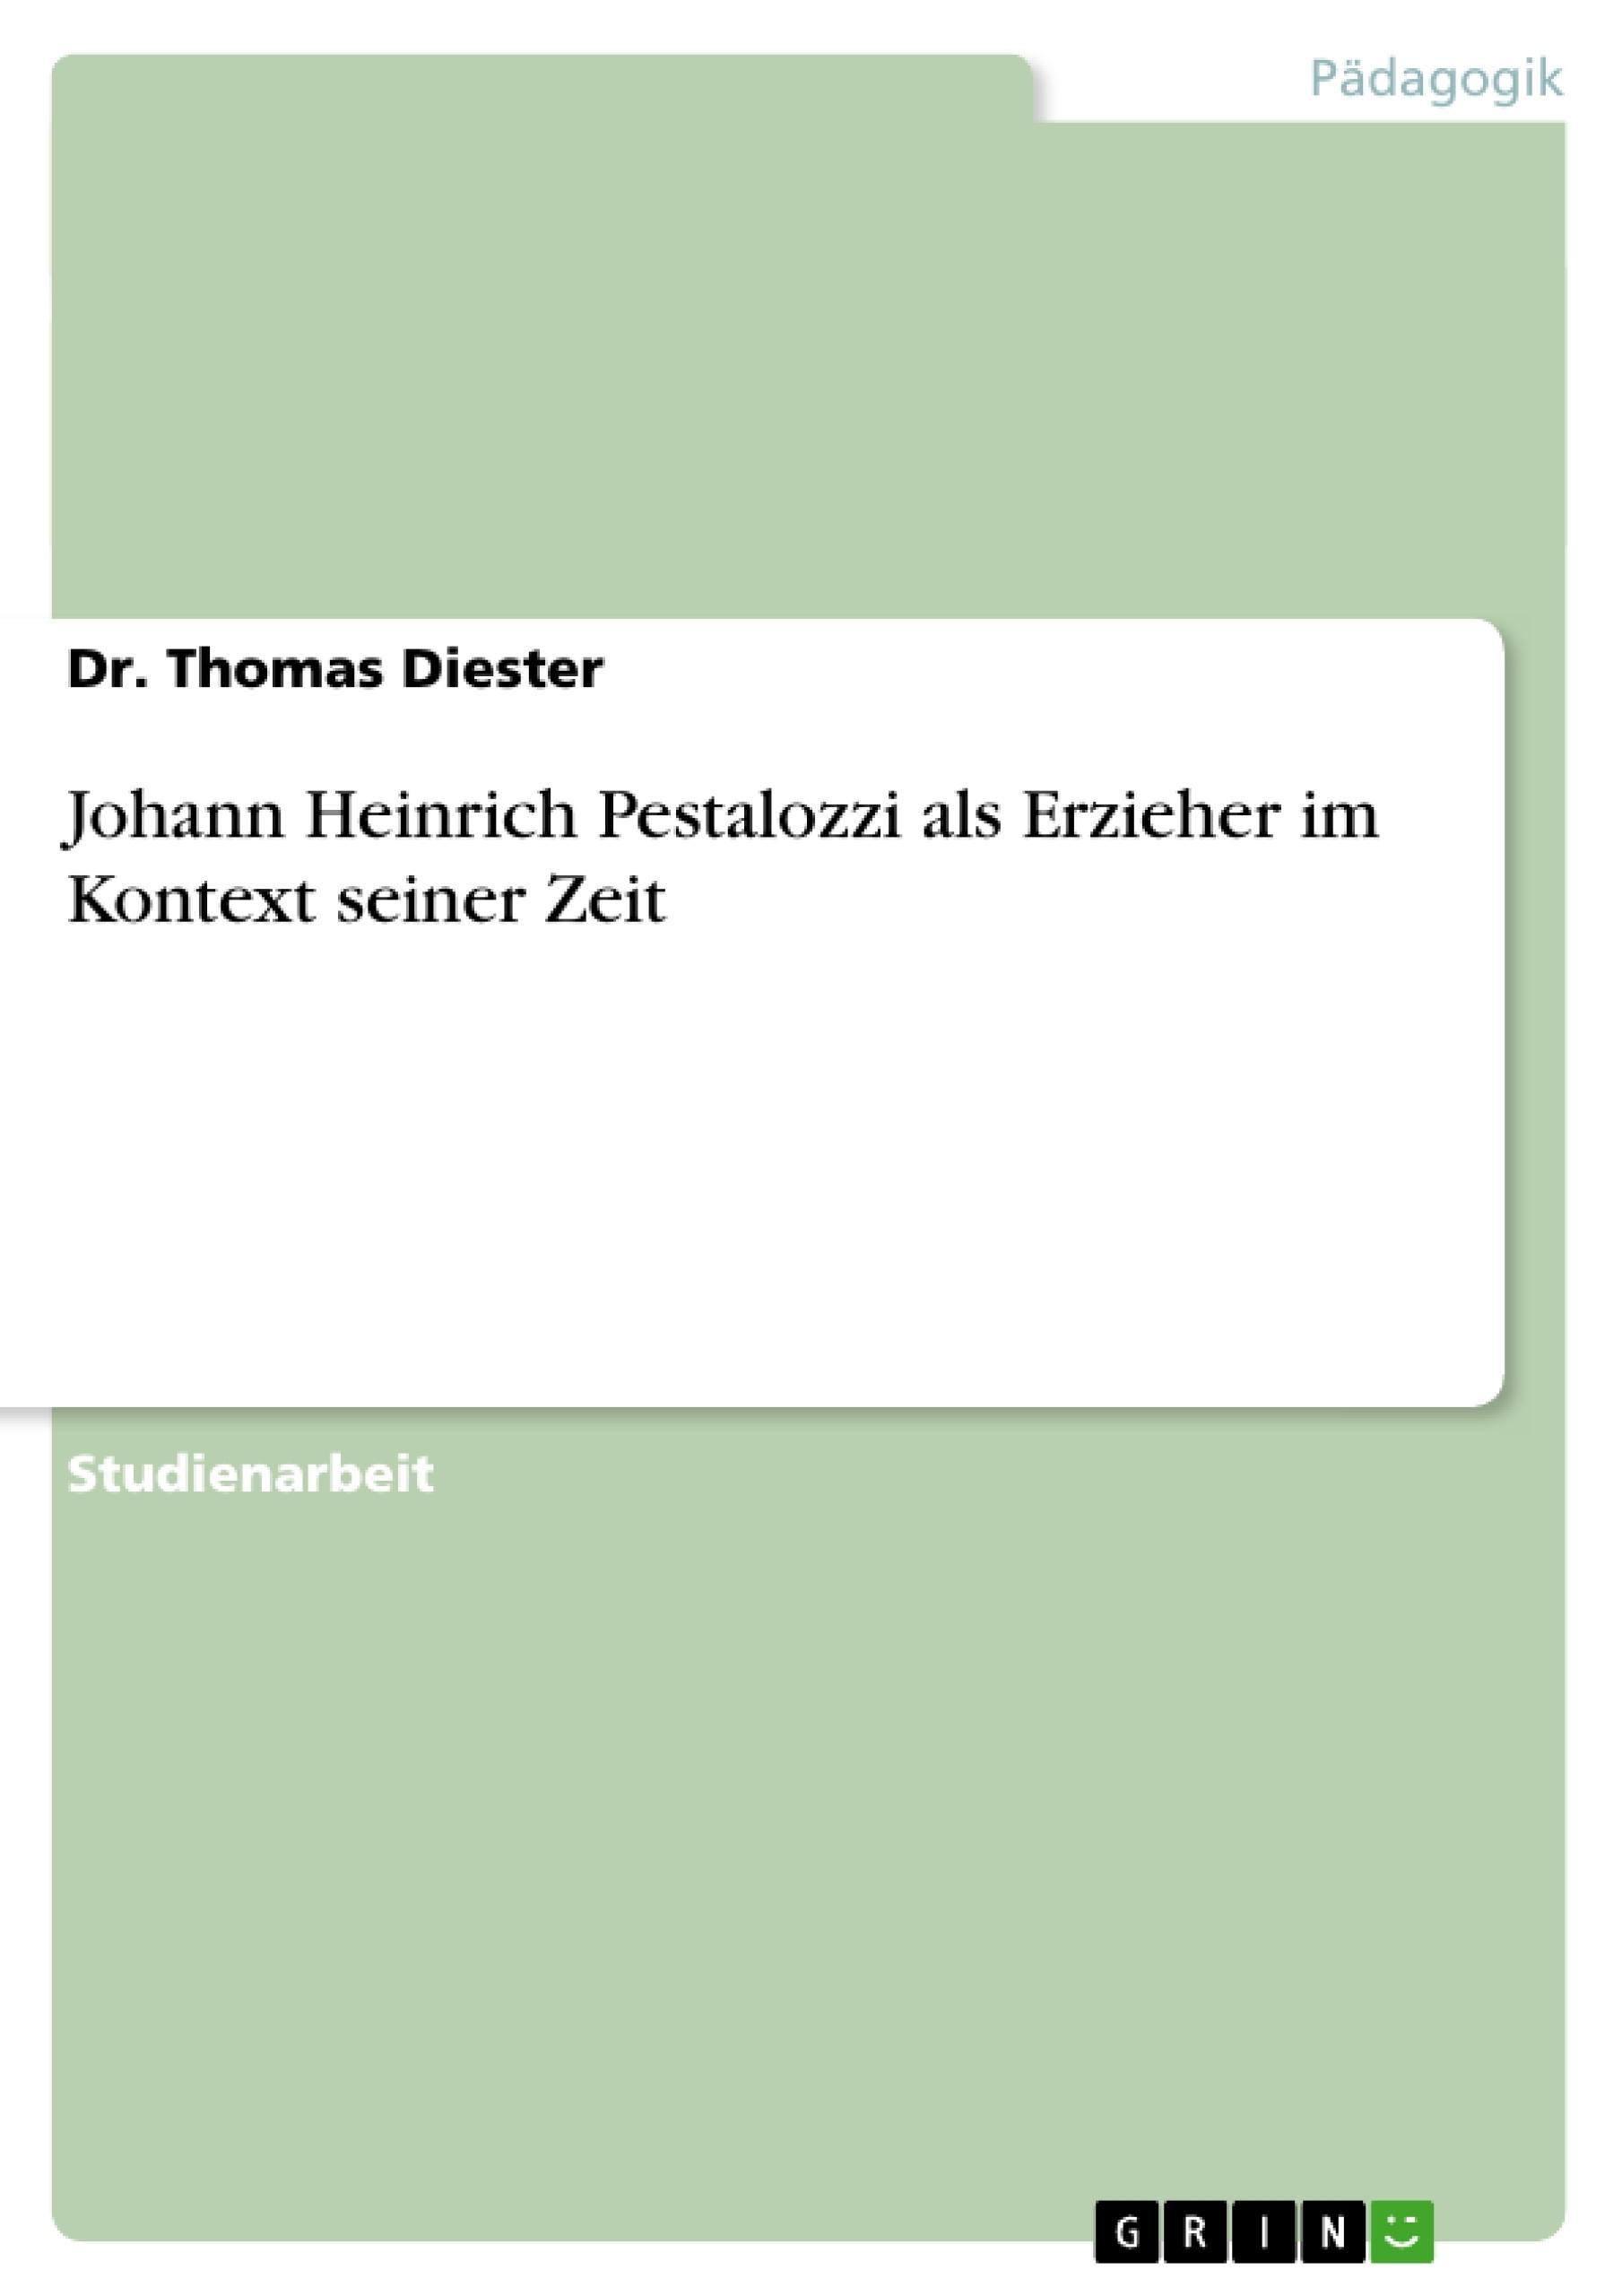 Titel: Johann Heinrich Pestalozzi als Erzieher im Kontext seiner Zeit